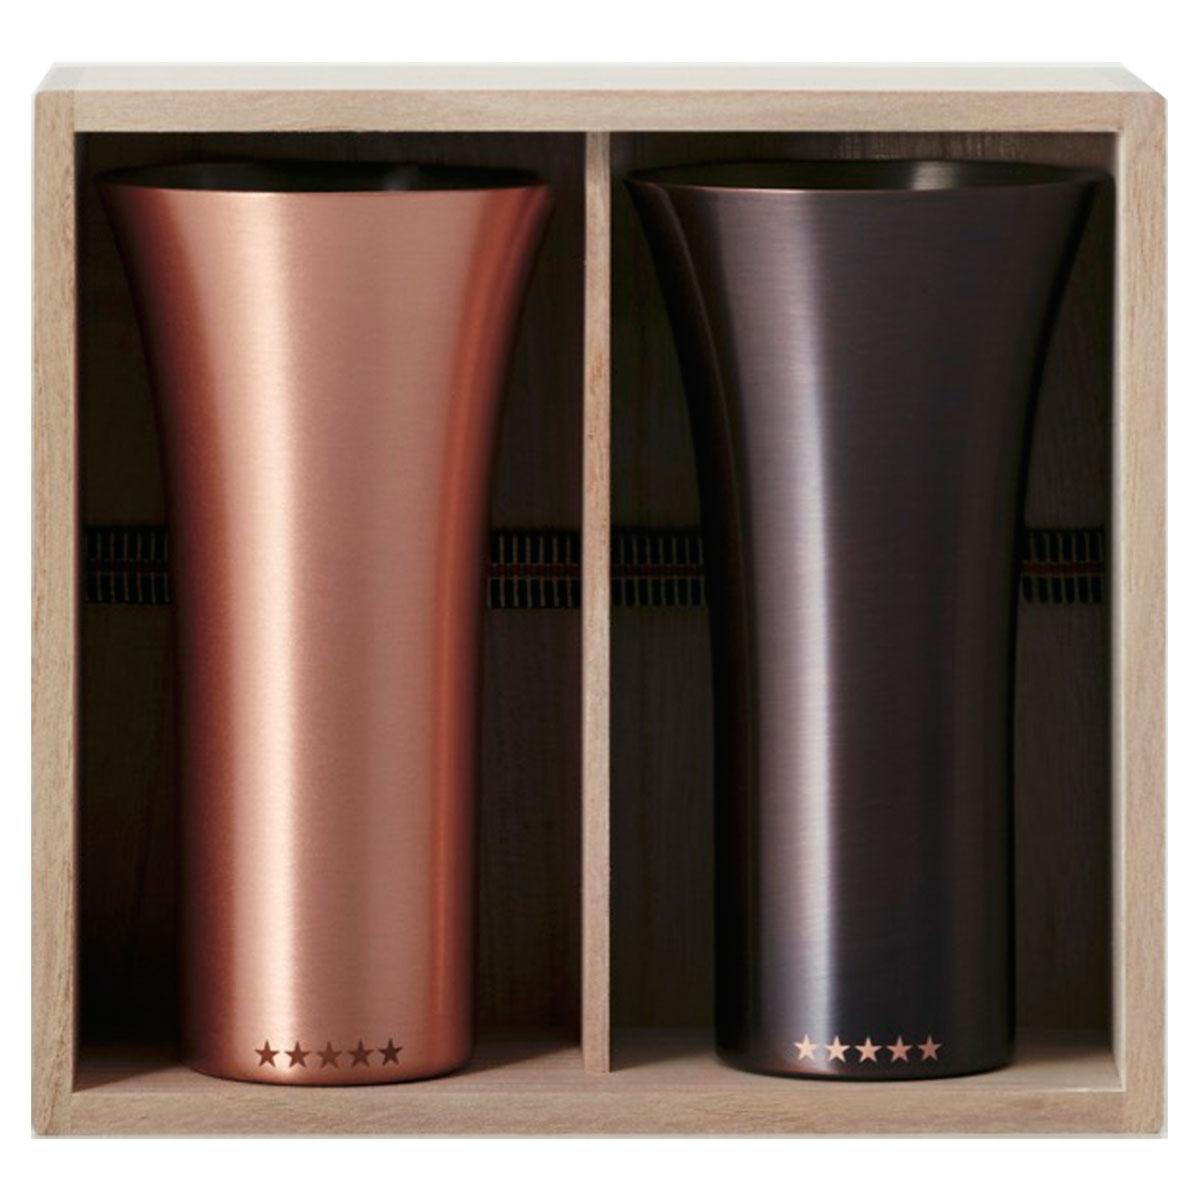 銅製タンブラー WDH 純銅製タンブラー 2個セット 銅製ビールグラス 銅製ビアグラス 銅製カップ ダブリューディーエイチ 銅製タンブラー 380ml マット&ブラウン 限定販売品